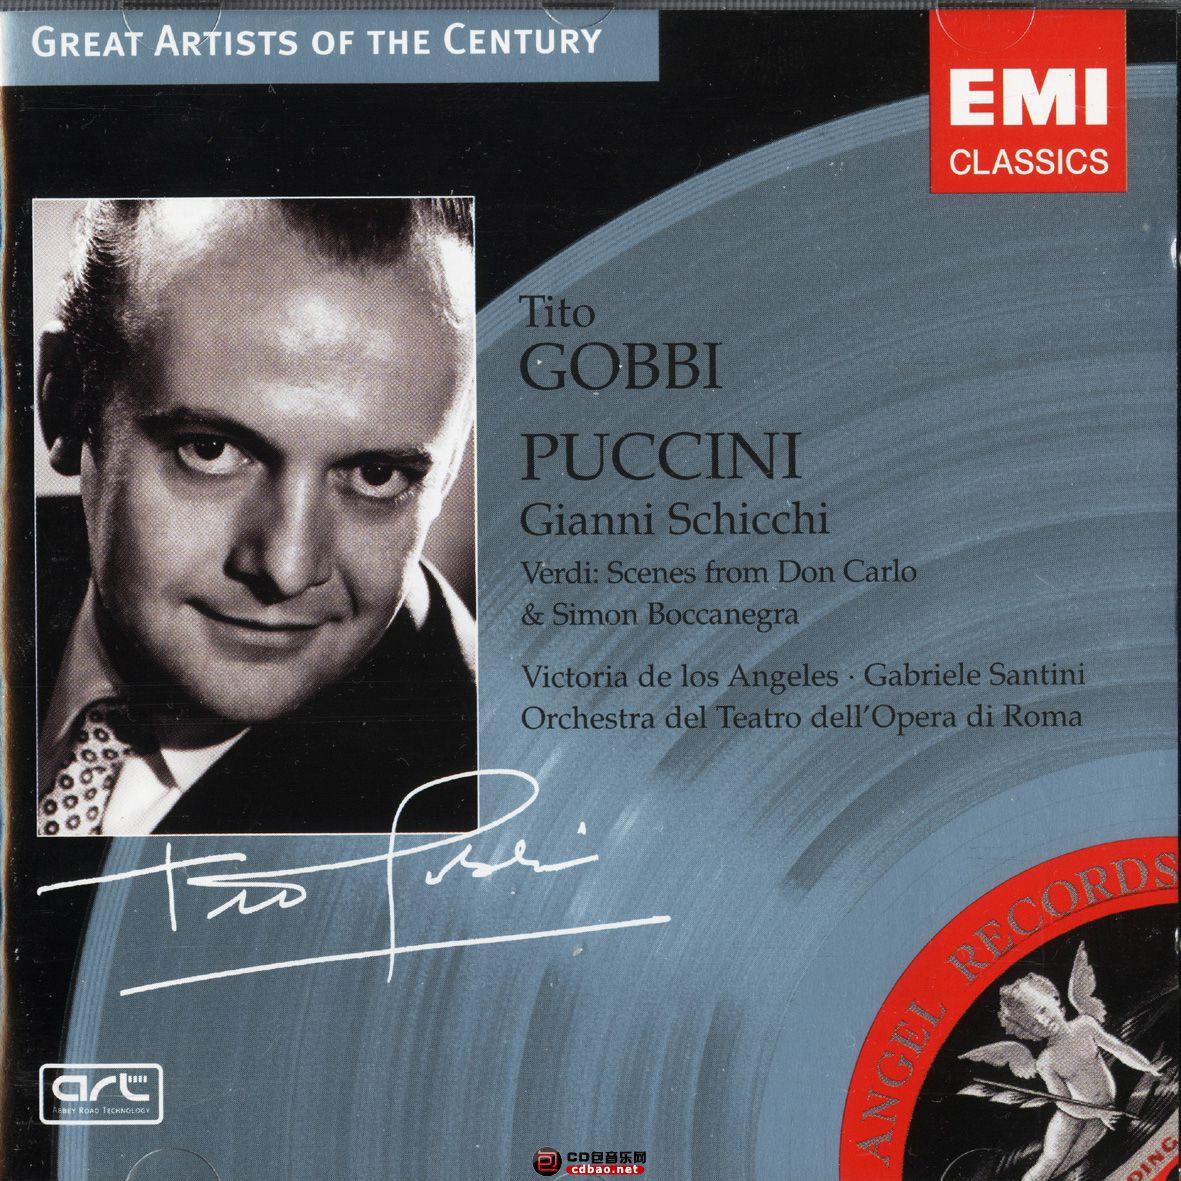 Tito Gobbi_Puccini Gianni Schicchi.01.jpg